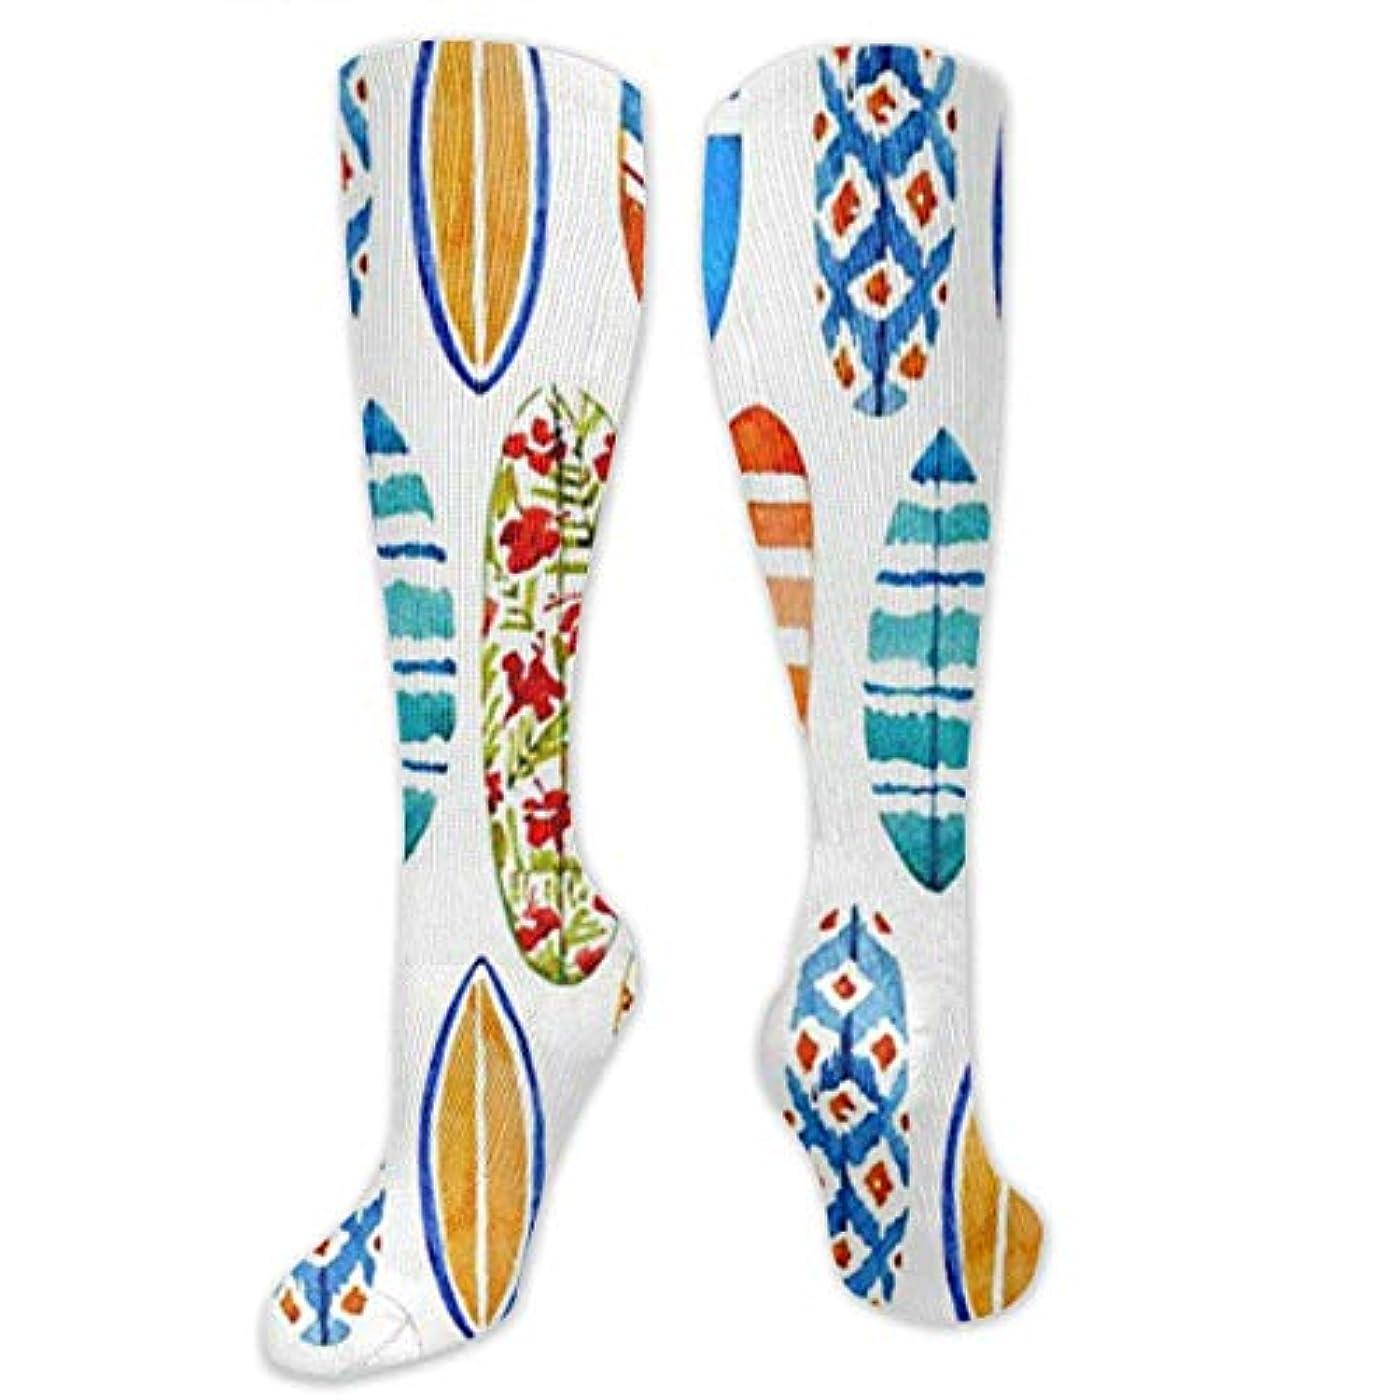 舌な性別軍艦靴下,ストッキング,野生のジョーカー,実際,秋の本質,冬必須,サマーウェア&RBXAA Watercolor Surfboards Socks Women's Winter Cotton Long Tube Socks...